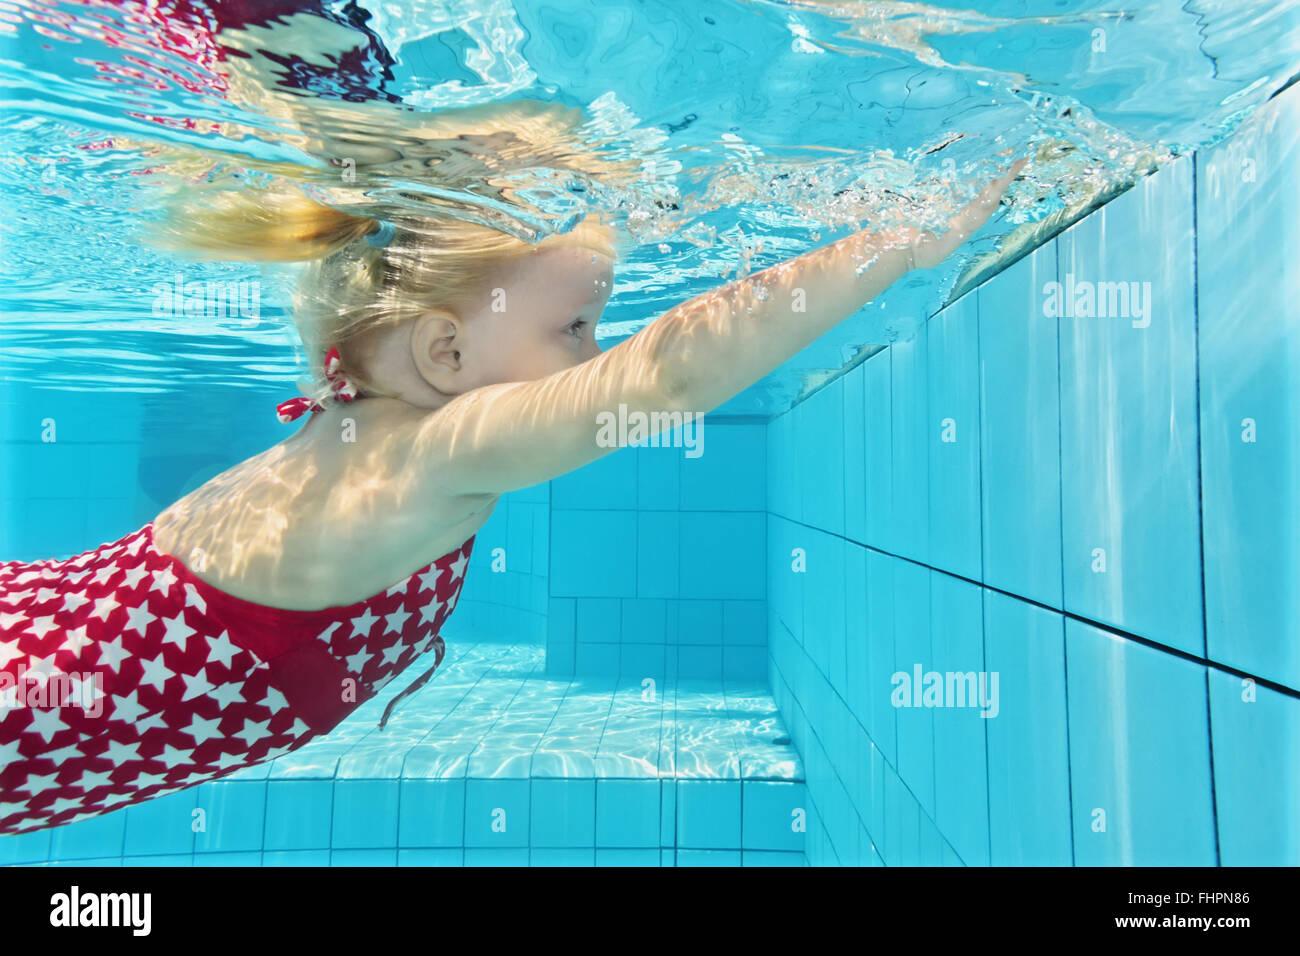 Bambino lezione di nuoto - ragazza imparare ad immergersi sott'acqua in piscina. Immagini Stock